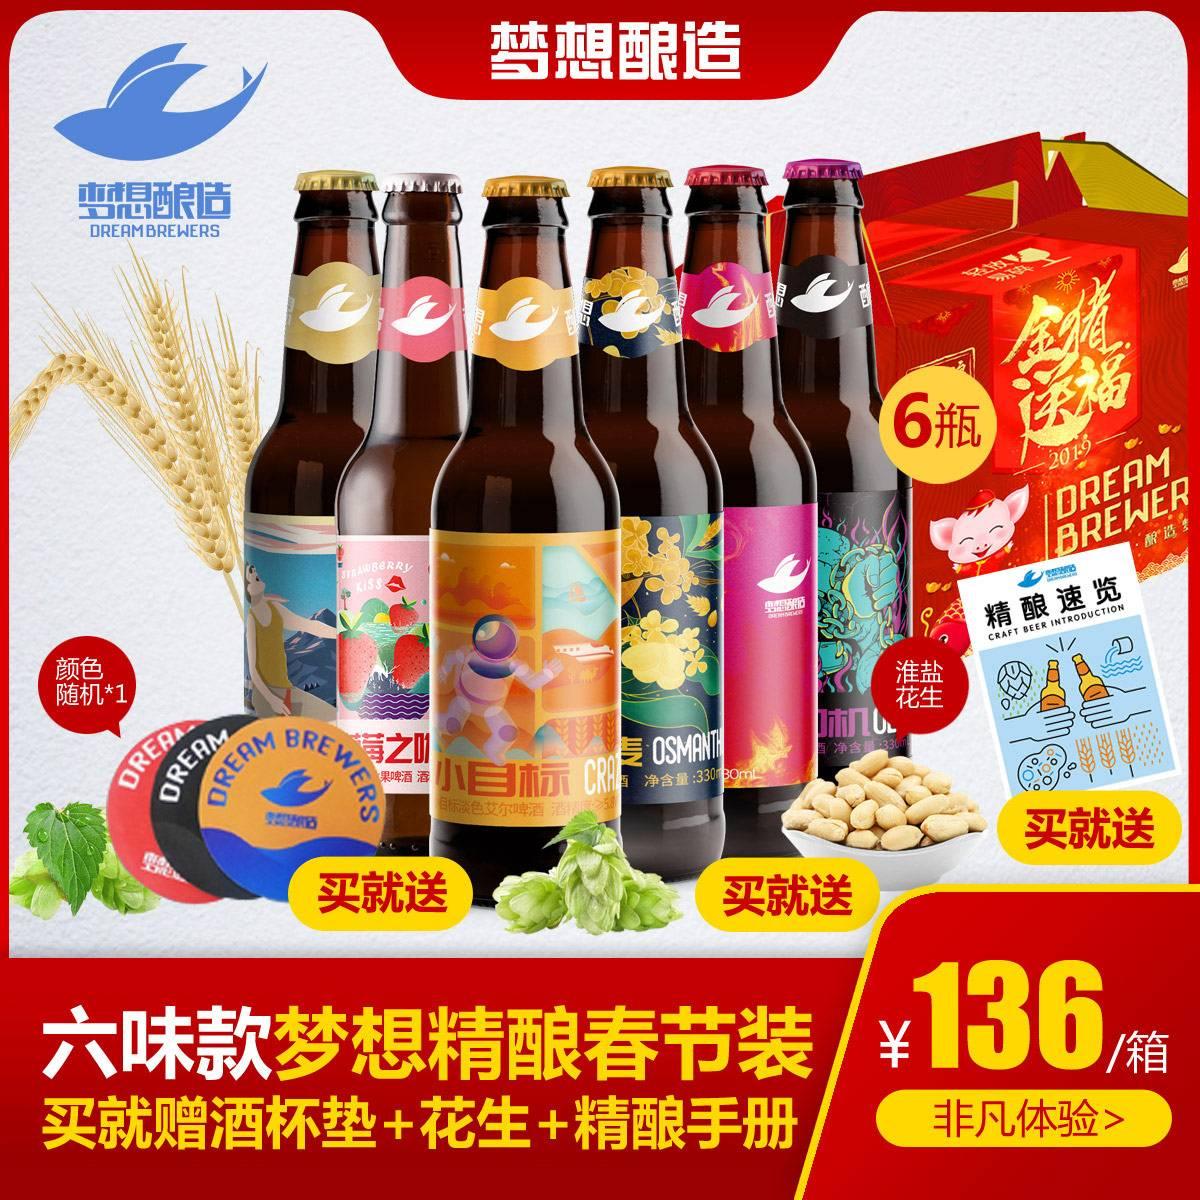 哪种啤酒比较好-哪种啤酒好?-大麦丫-精酿啤酒连锁超市,工厂店平价酒吧免费加盟